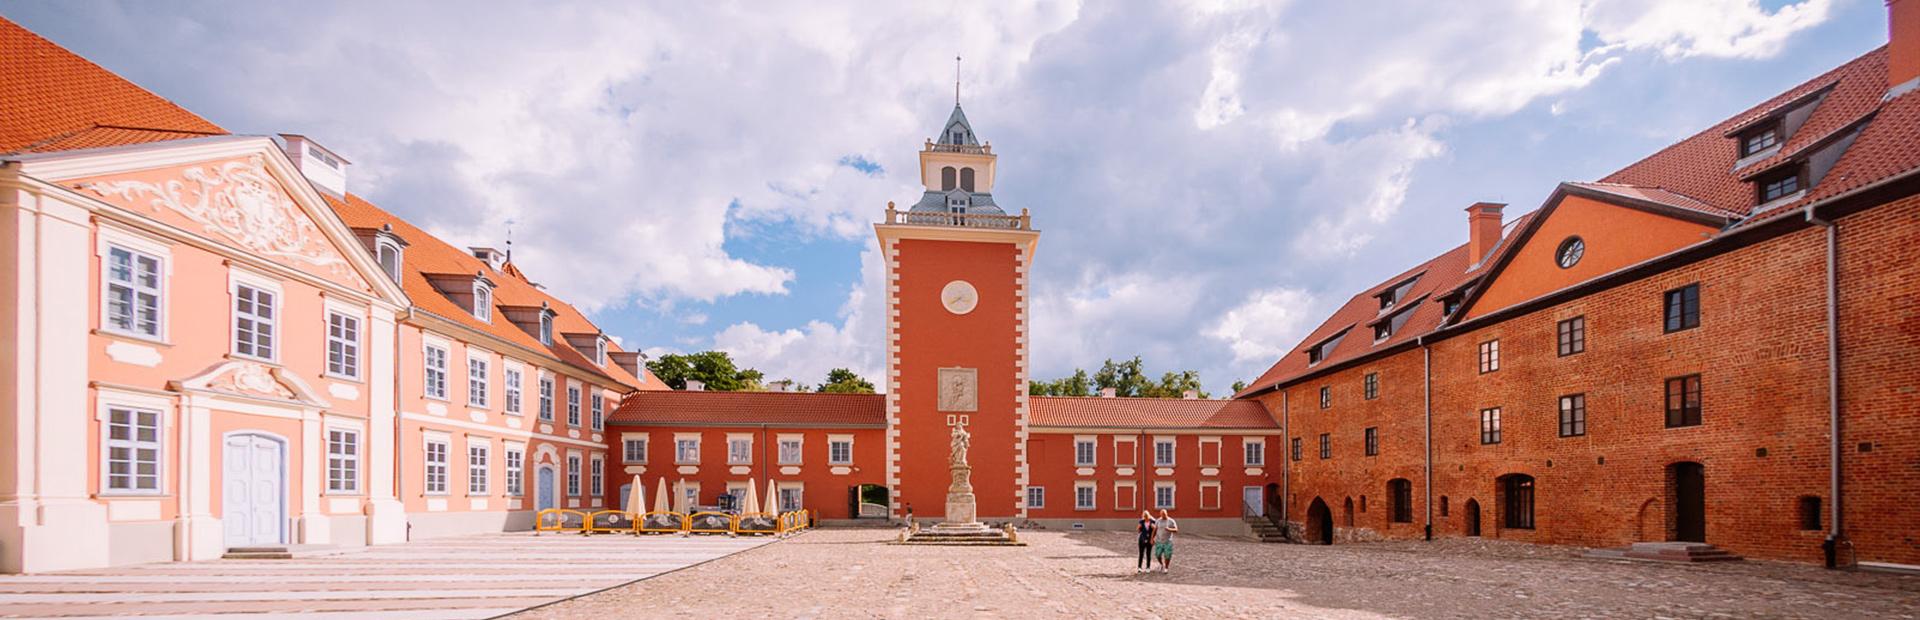 Dziedziniec zamkowy hotelu Krasicki w Lidzbarku Warmińskim. Po prawej i lewej stronie zabytkowe budynki hotelu Krasicki. Dziedziniec zamkowy wyłożony kamieniem, po środku dziedzińca rzeźba a w centralnej części zdjęcia znajduje się zabytkowa wieża z przylegającym budynkiem.